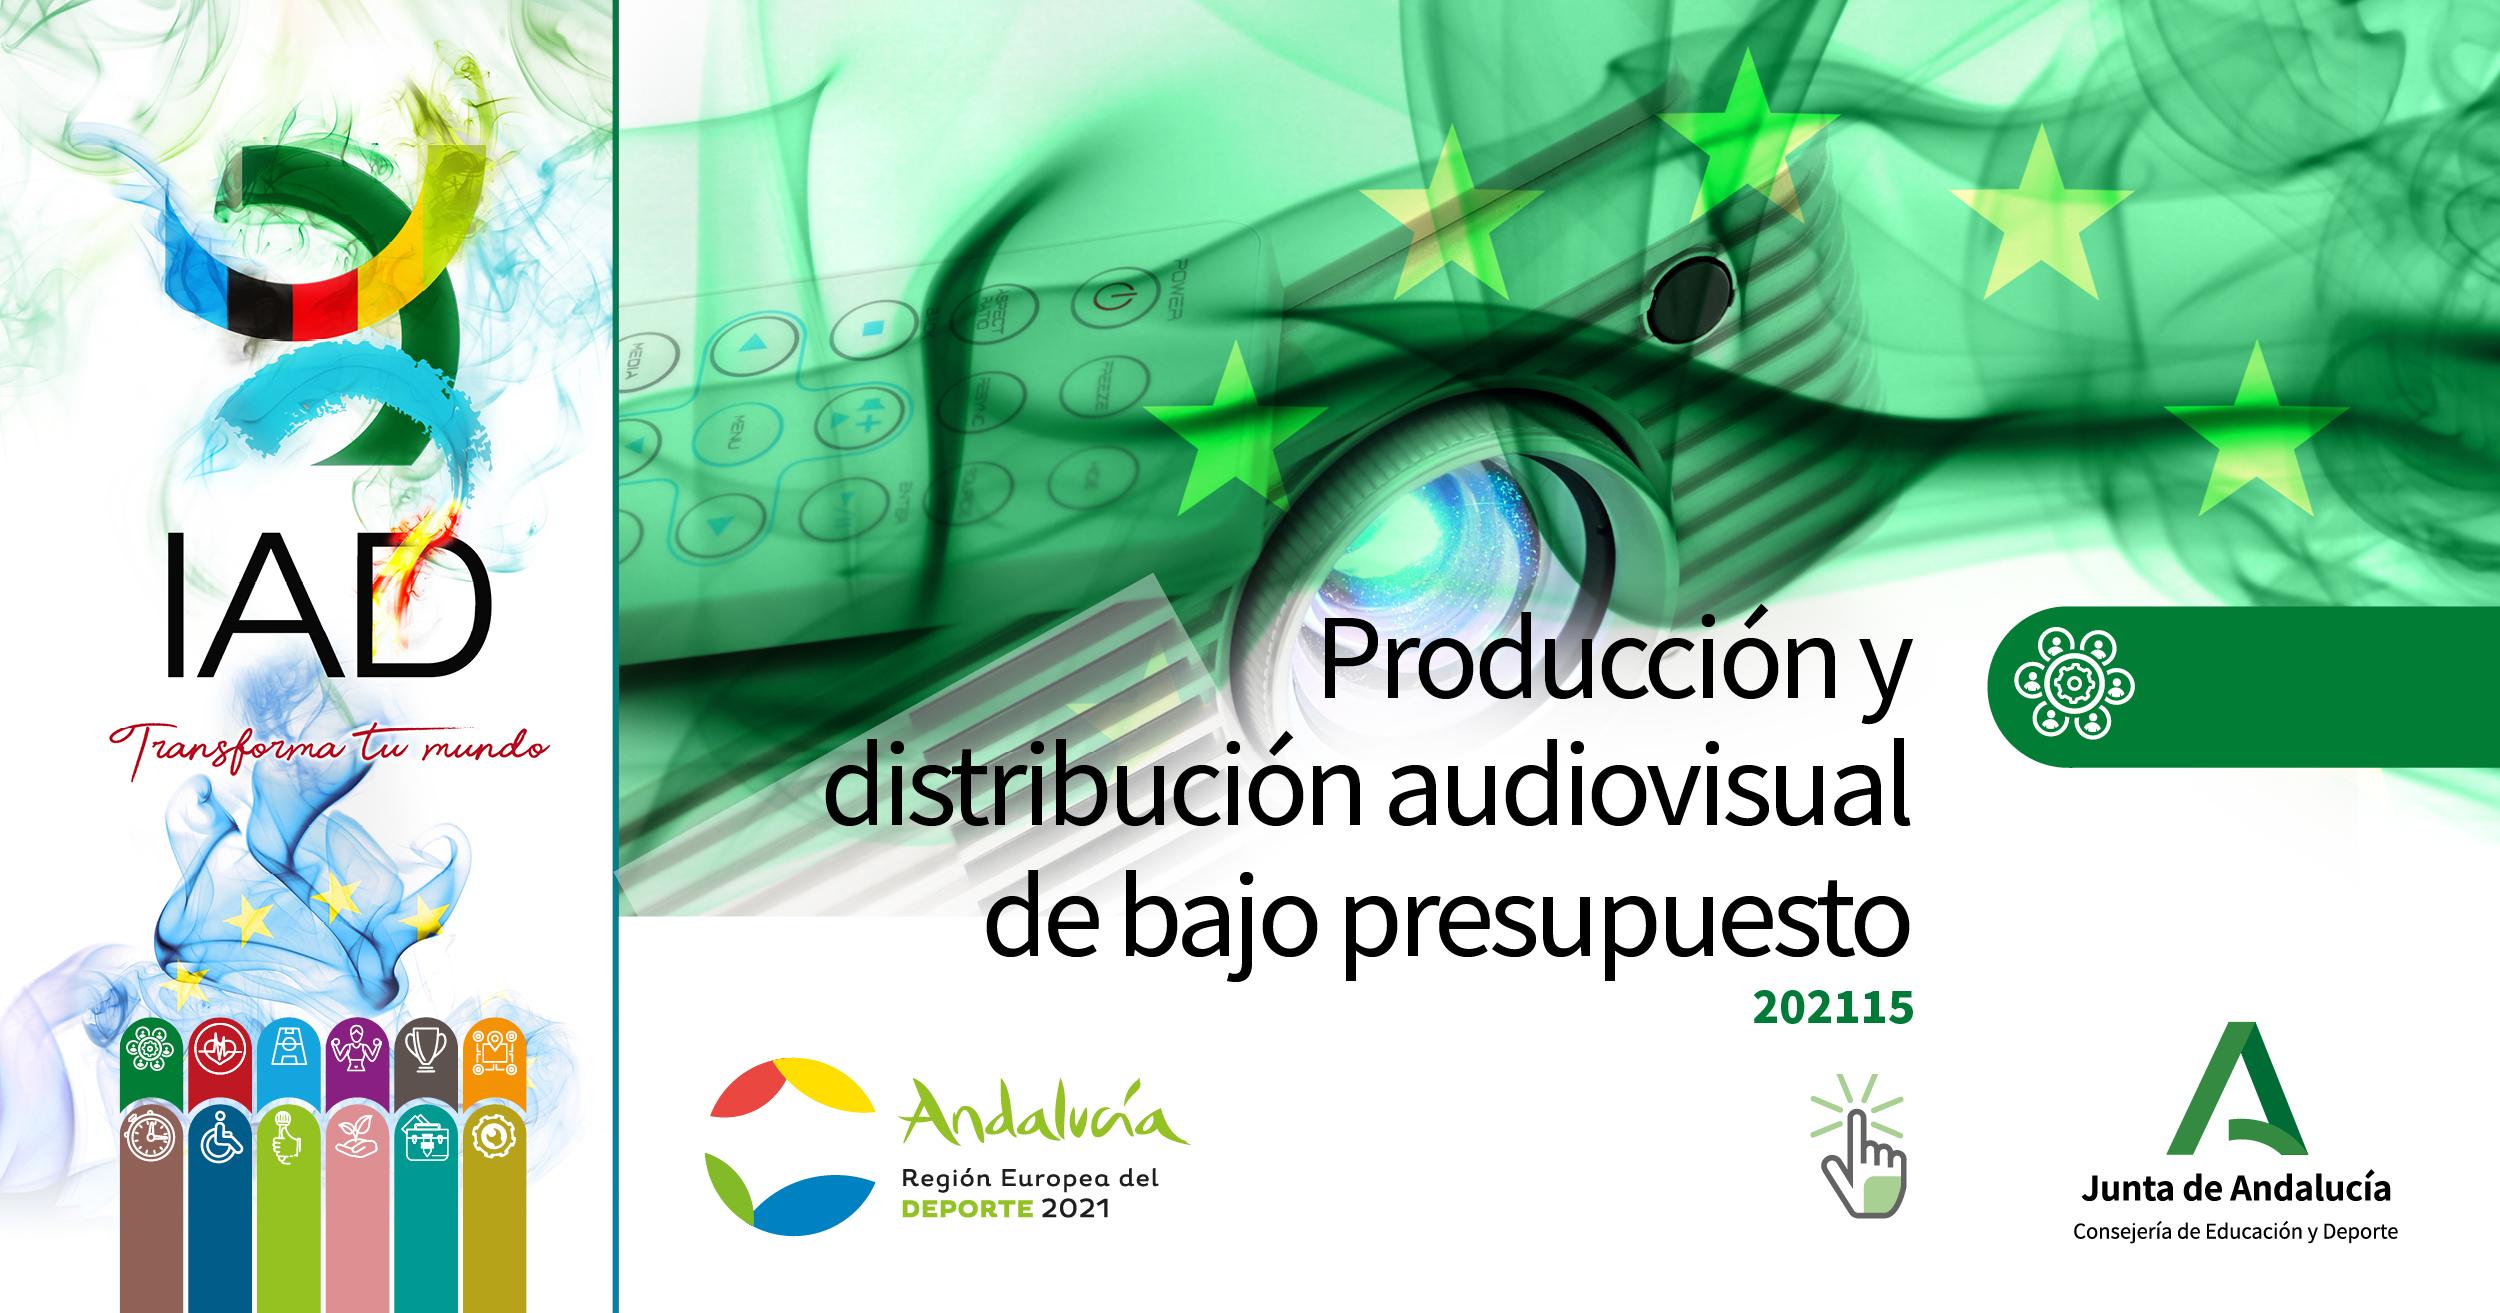 Producción y distribución audiovisual de bajo presupuesto